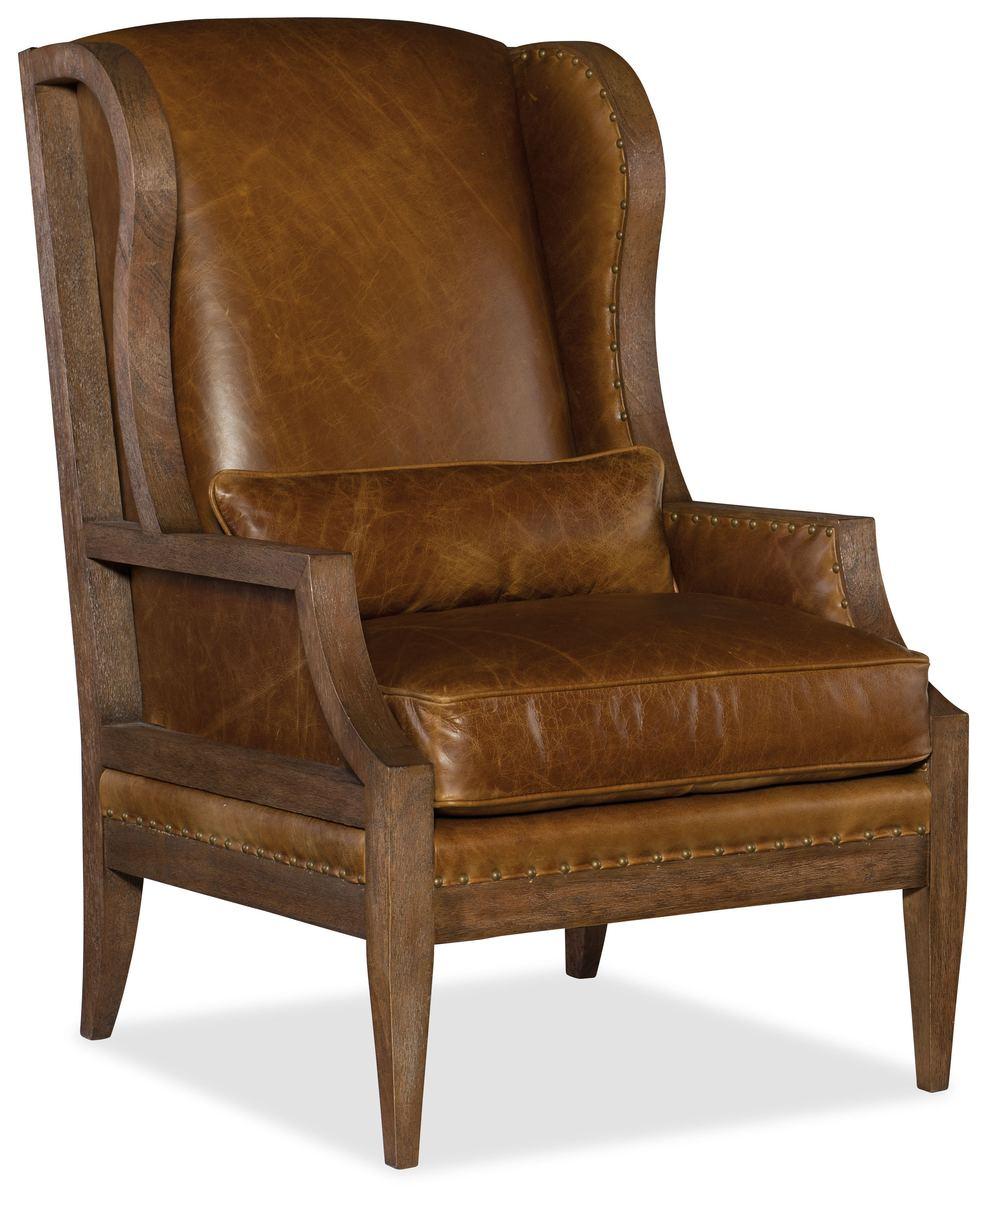 Hooker Furniture - Laurel Exposed Wood Club Chair